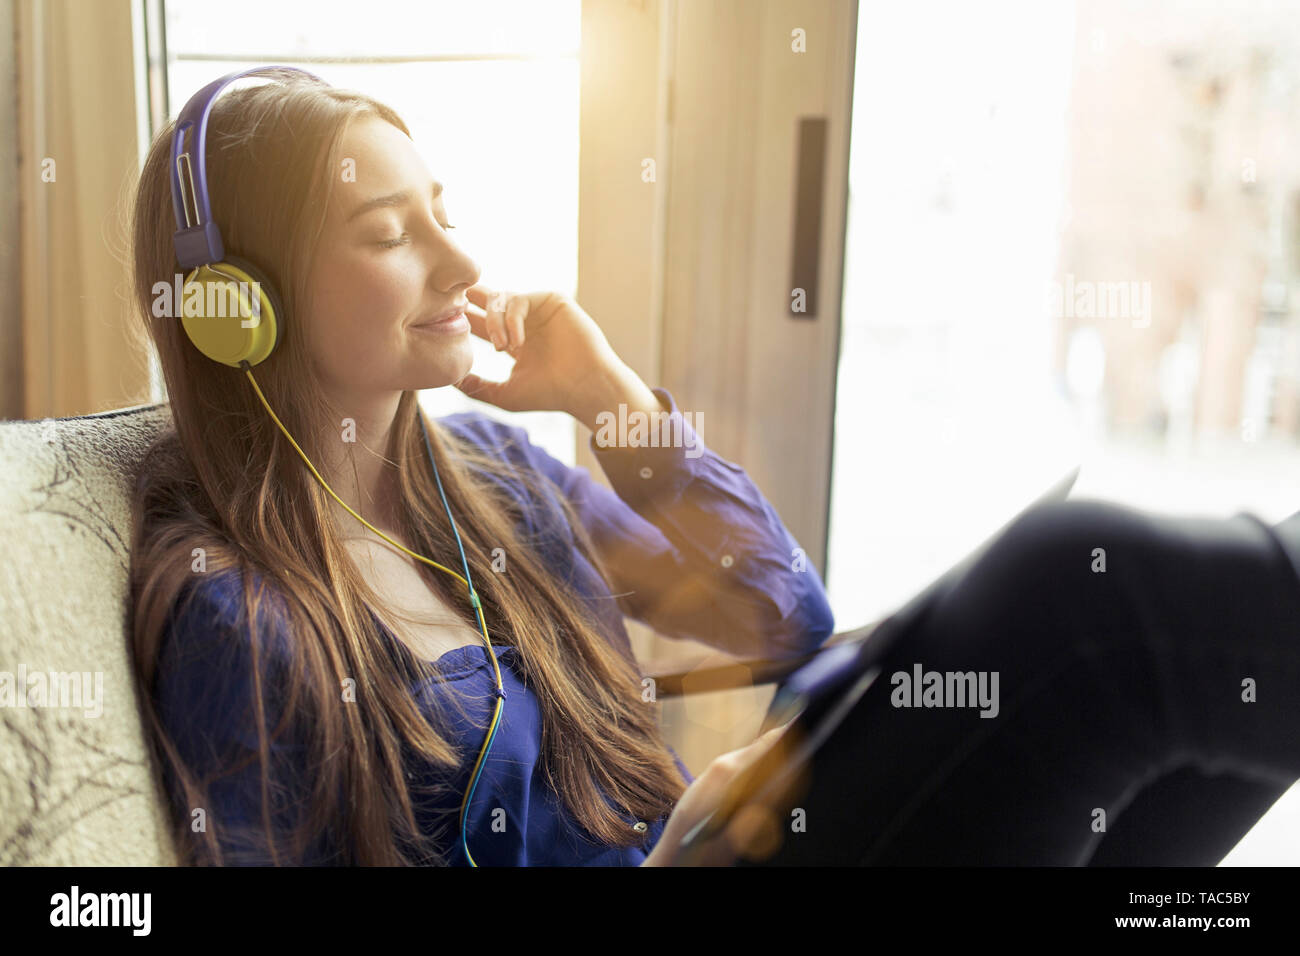 Ambiance jeune femme assise sur une chaise portant des écouteurs Banque D'Images